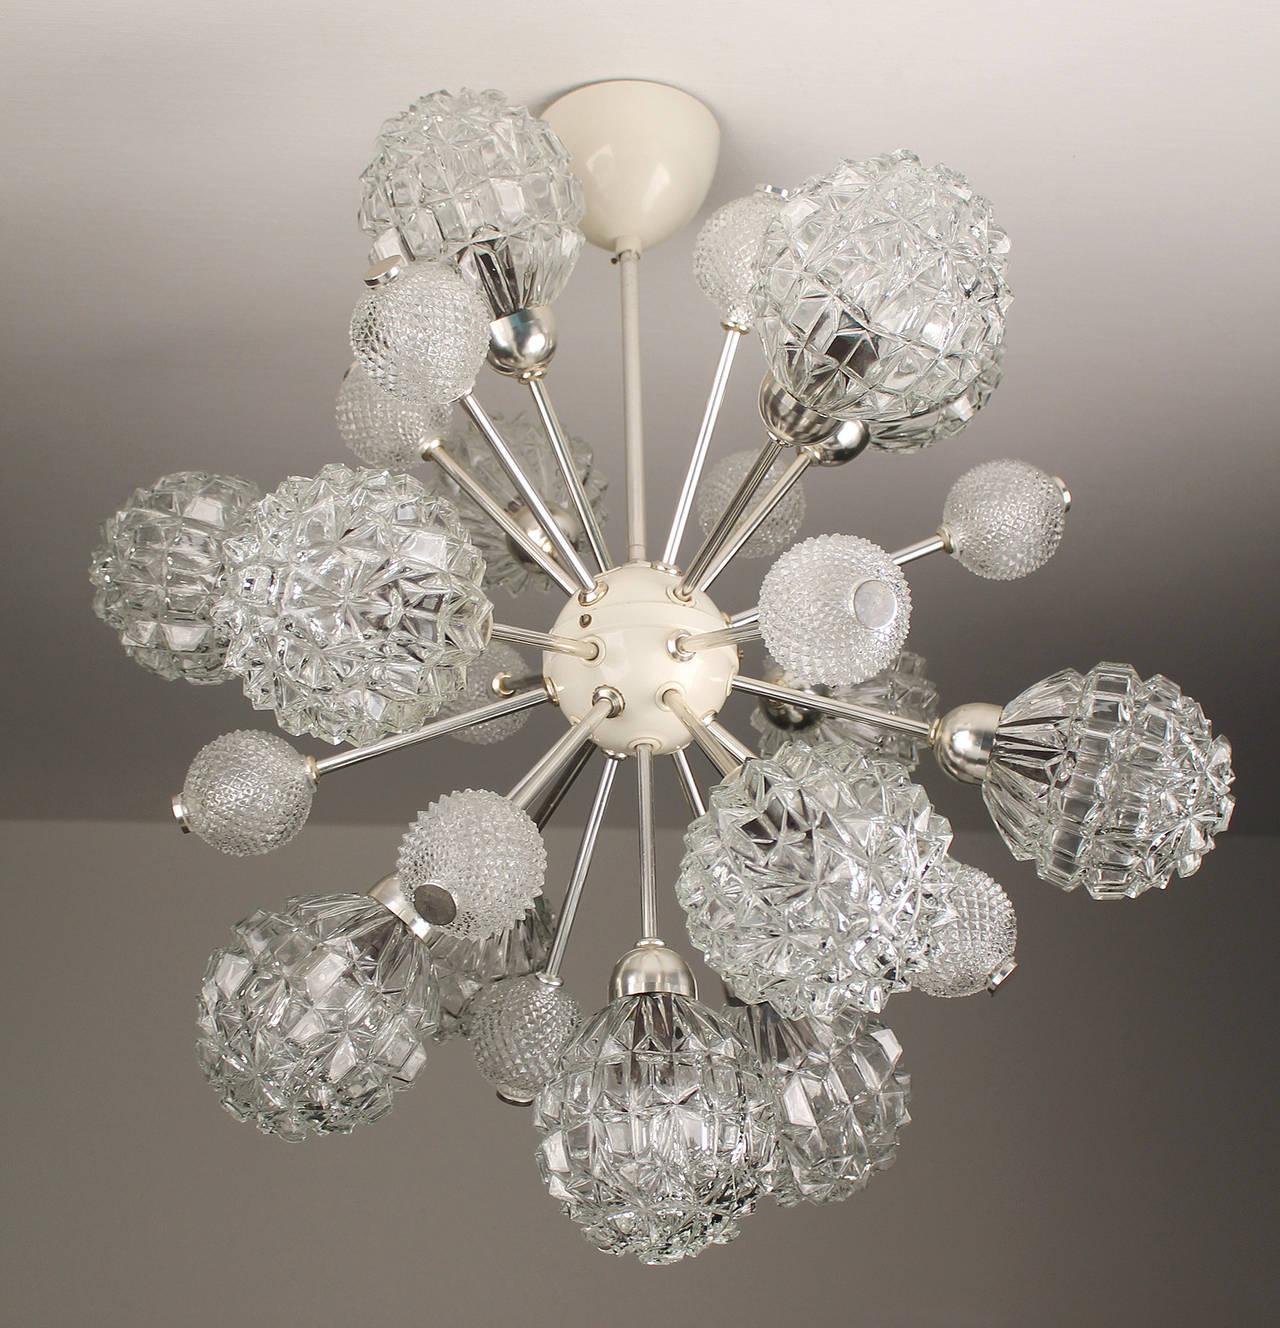 European  Large Sunburst Glass Chandelier,  1960s Modernist  Stilnovo Style Pendant Lamp  For Sale